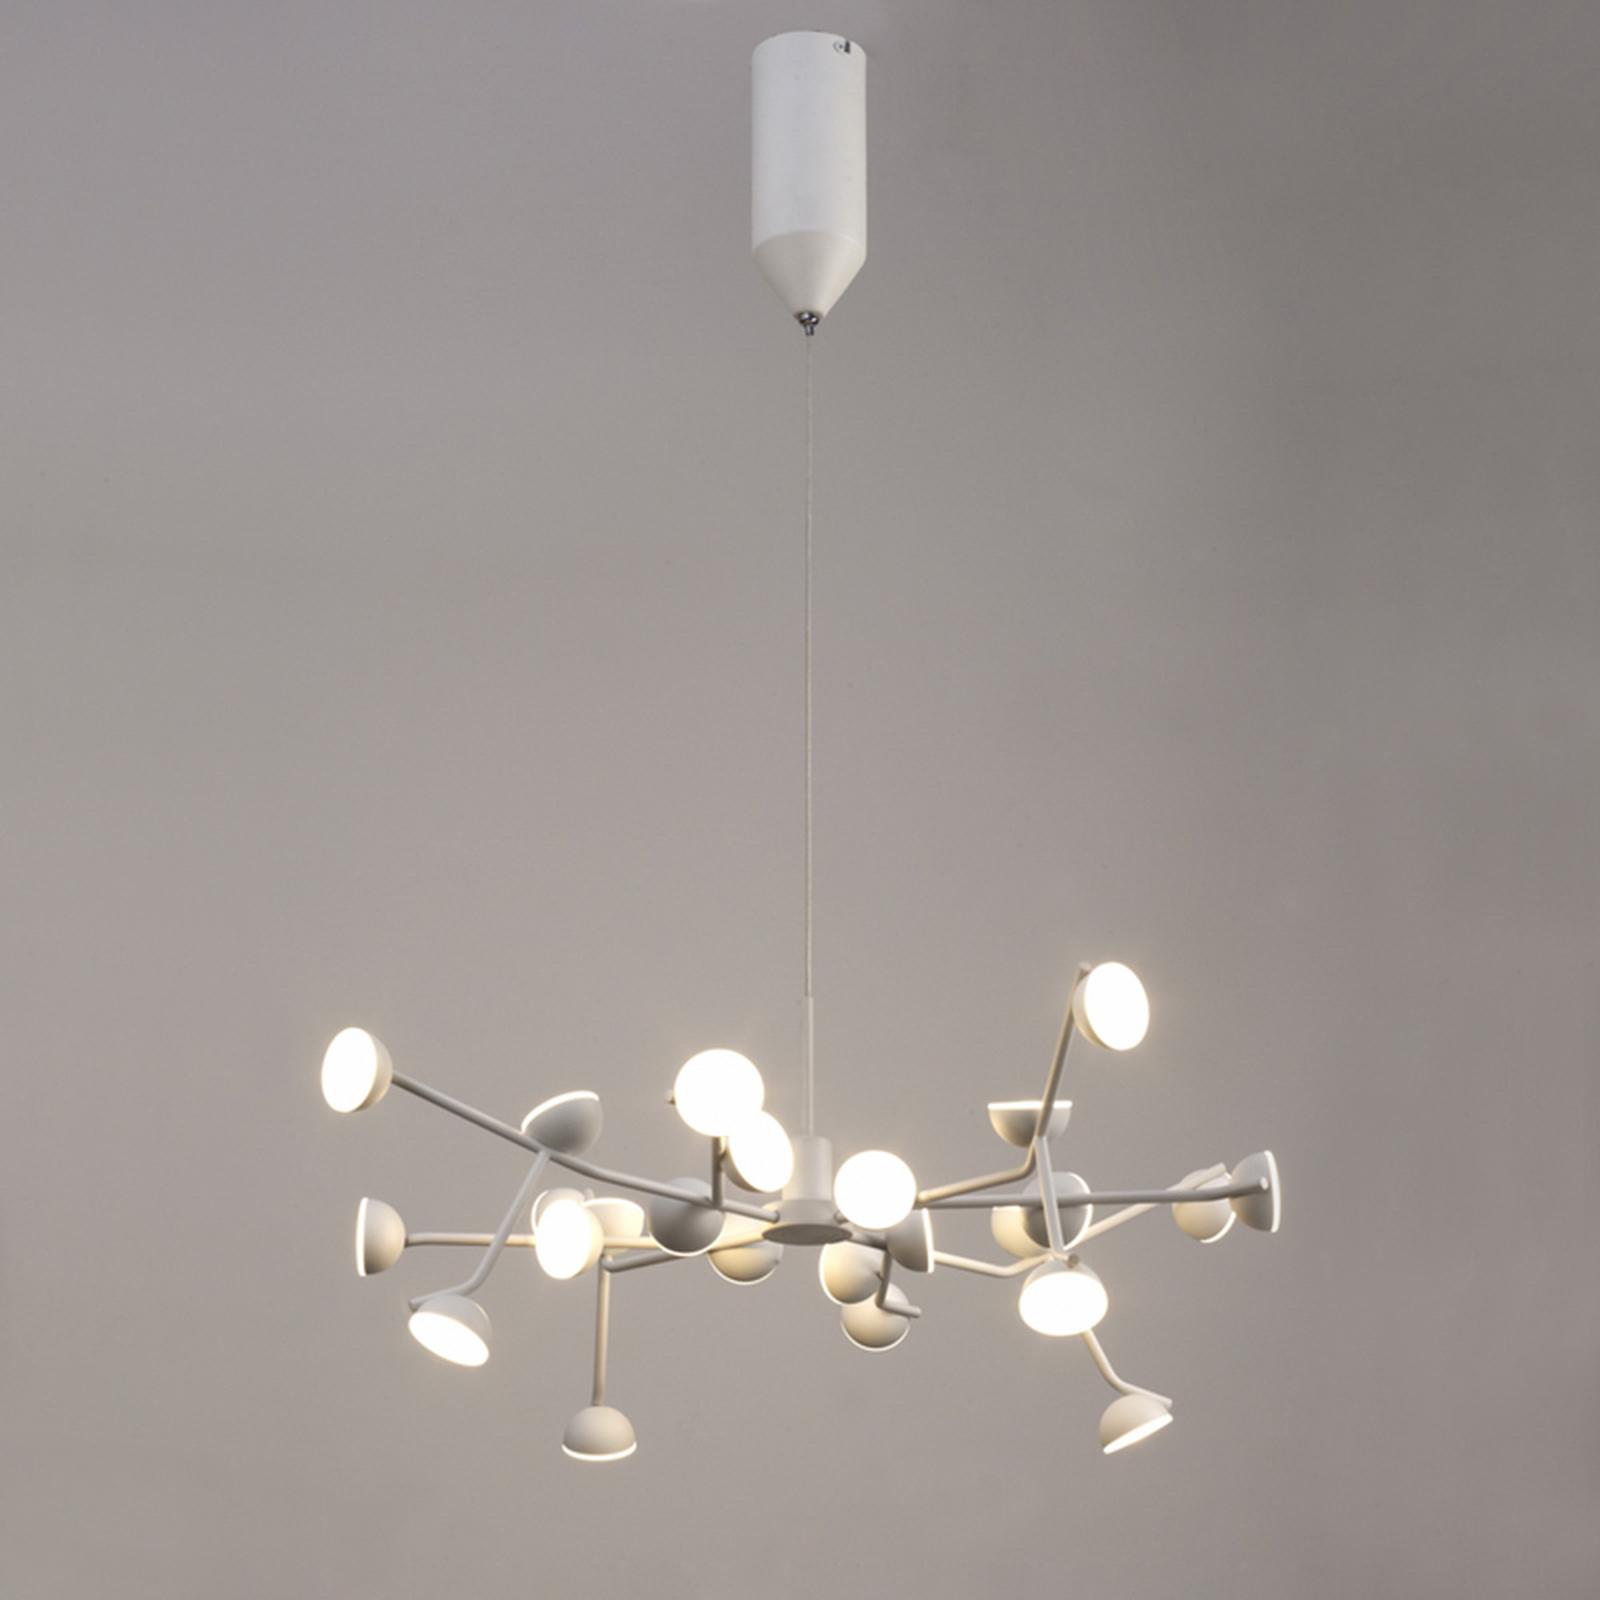 LED-Hängeleuchte Adn, runde Form 24-fl.